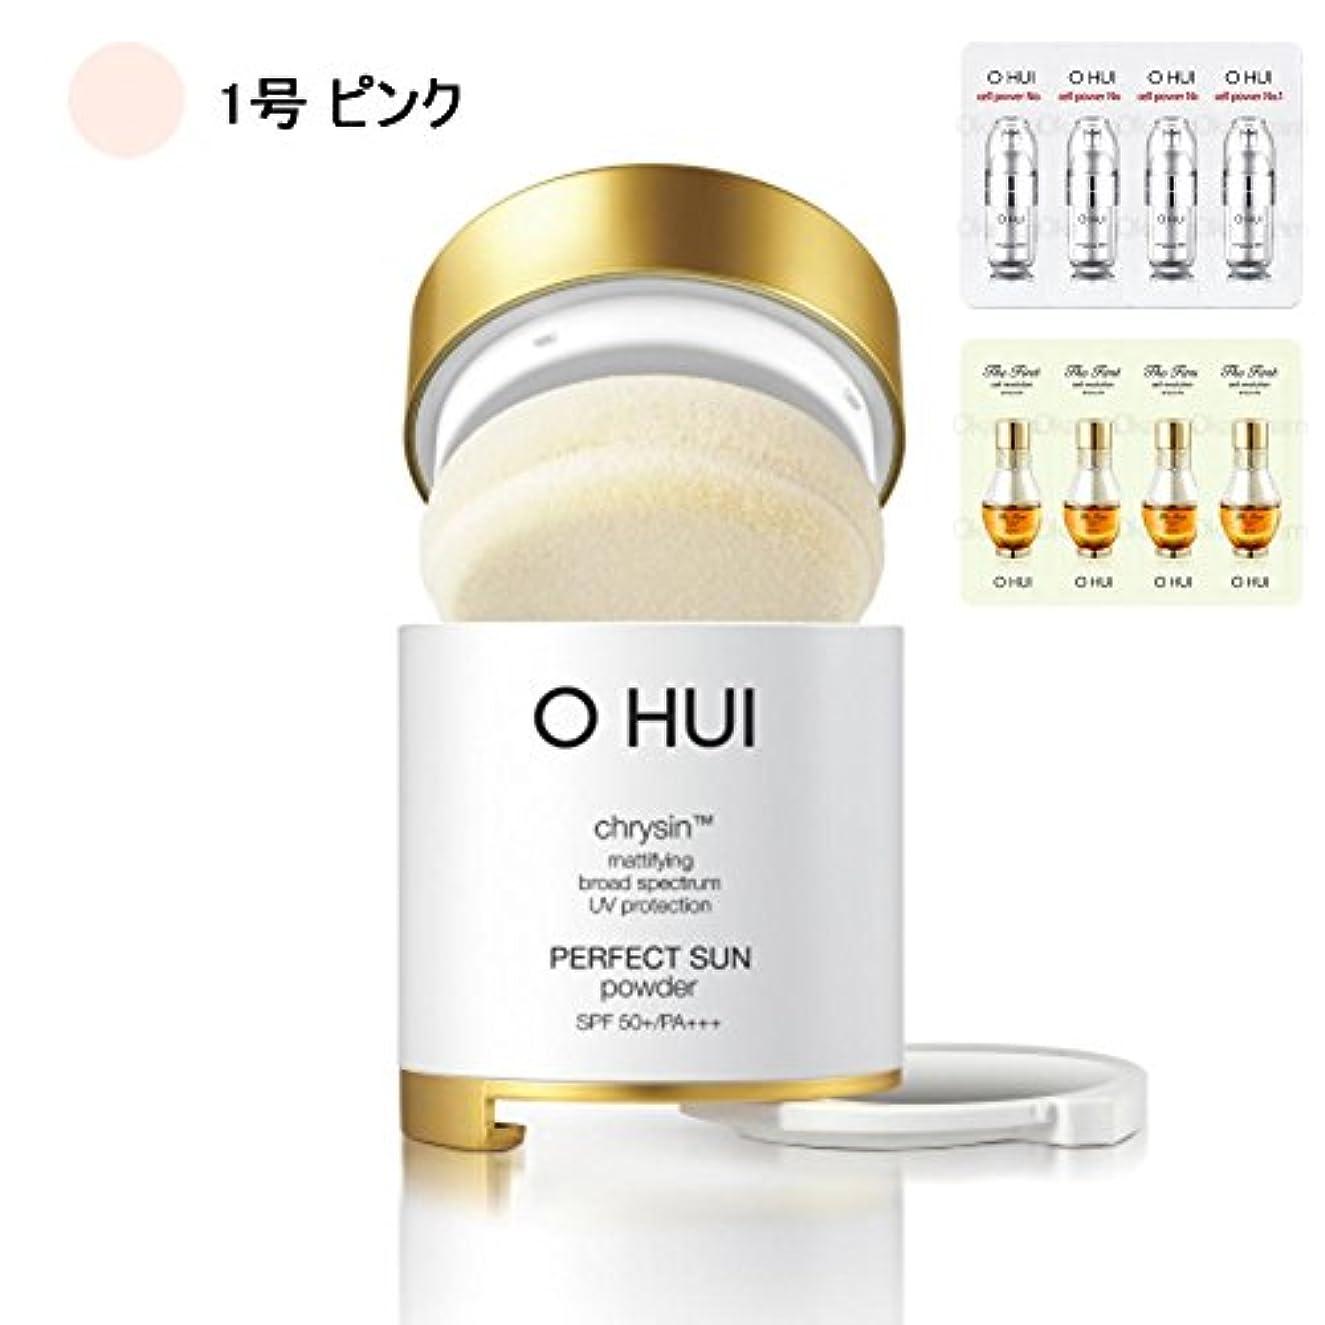 死すべき味保護する[オフィ/O HUI]韓国化粧品 LG生活健康/OHUI OFS06 PERFECT SUN POWDER/オフィ パーフェクトサンパウダー 1号 (SPF50+/PA+++) +[Sample Gift](海外直送品)